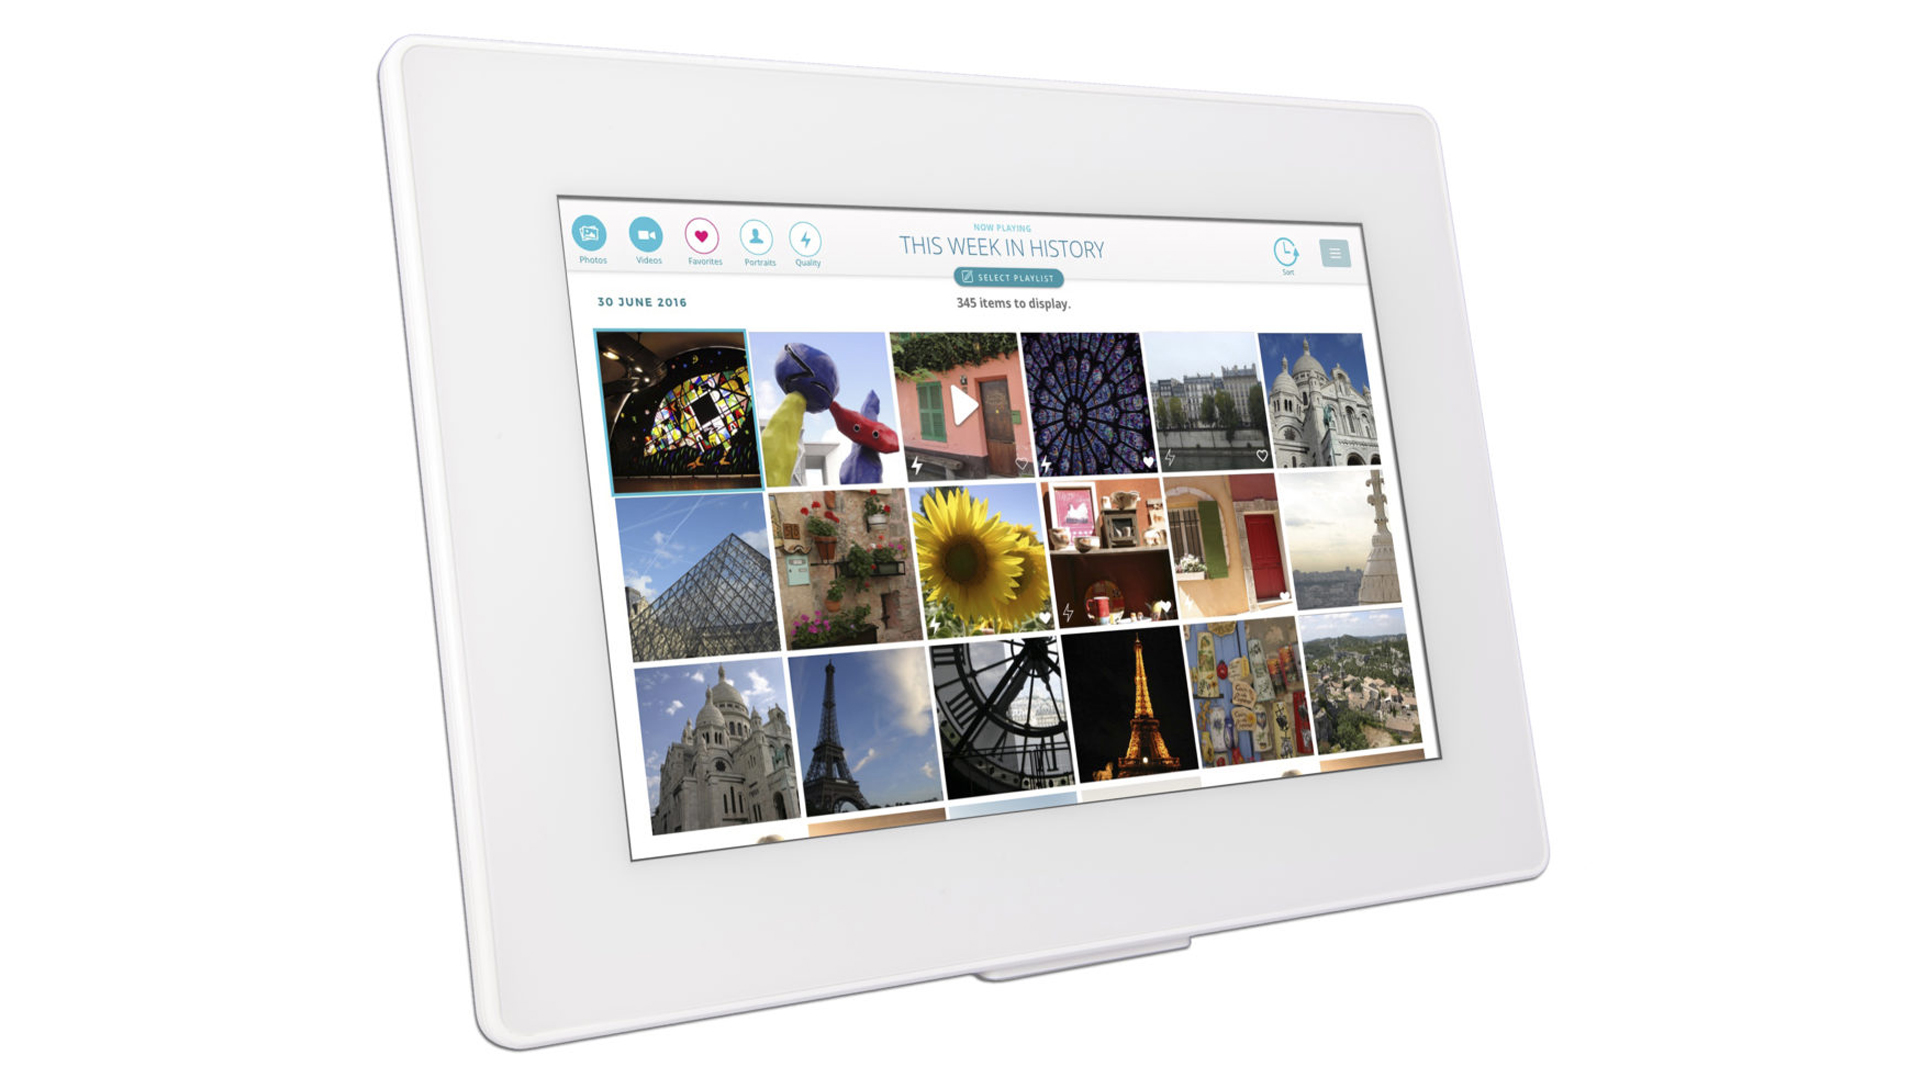 PhotoSpring Digital Photo Frame Gadget Reviews | Popzara Press